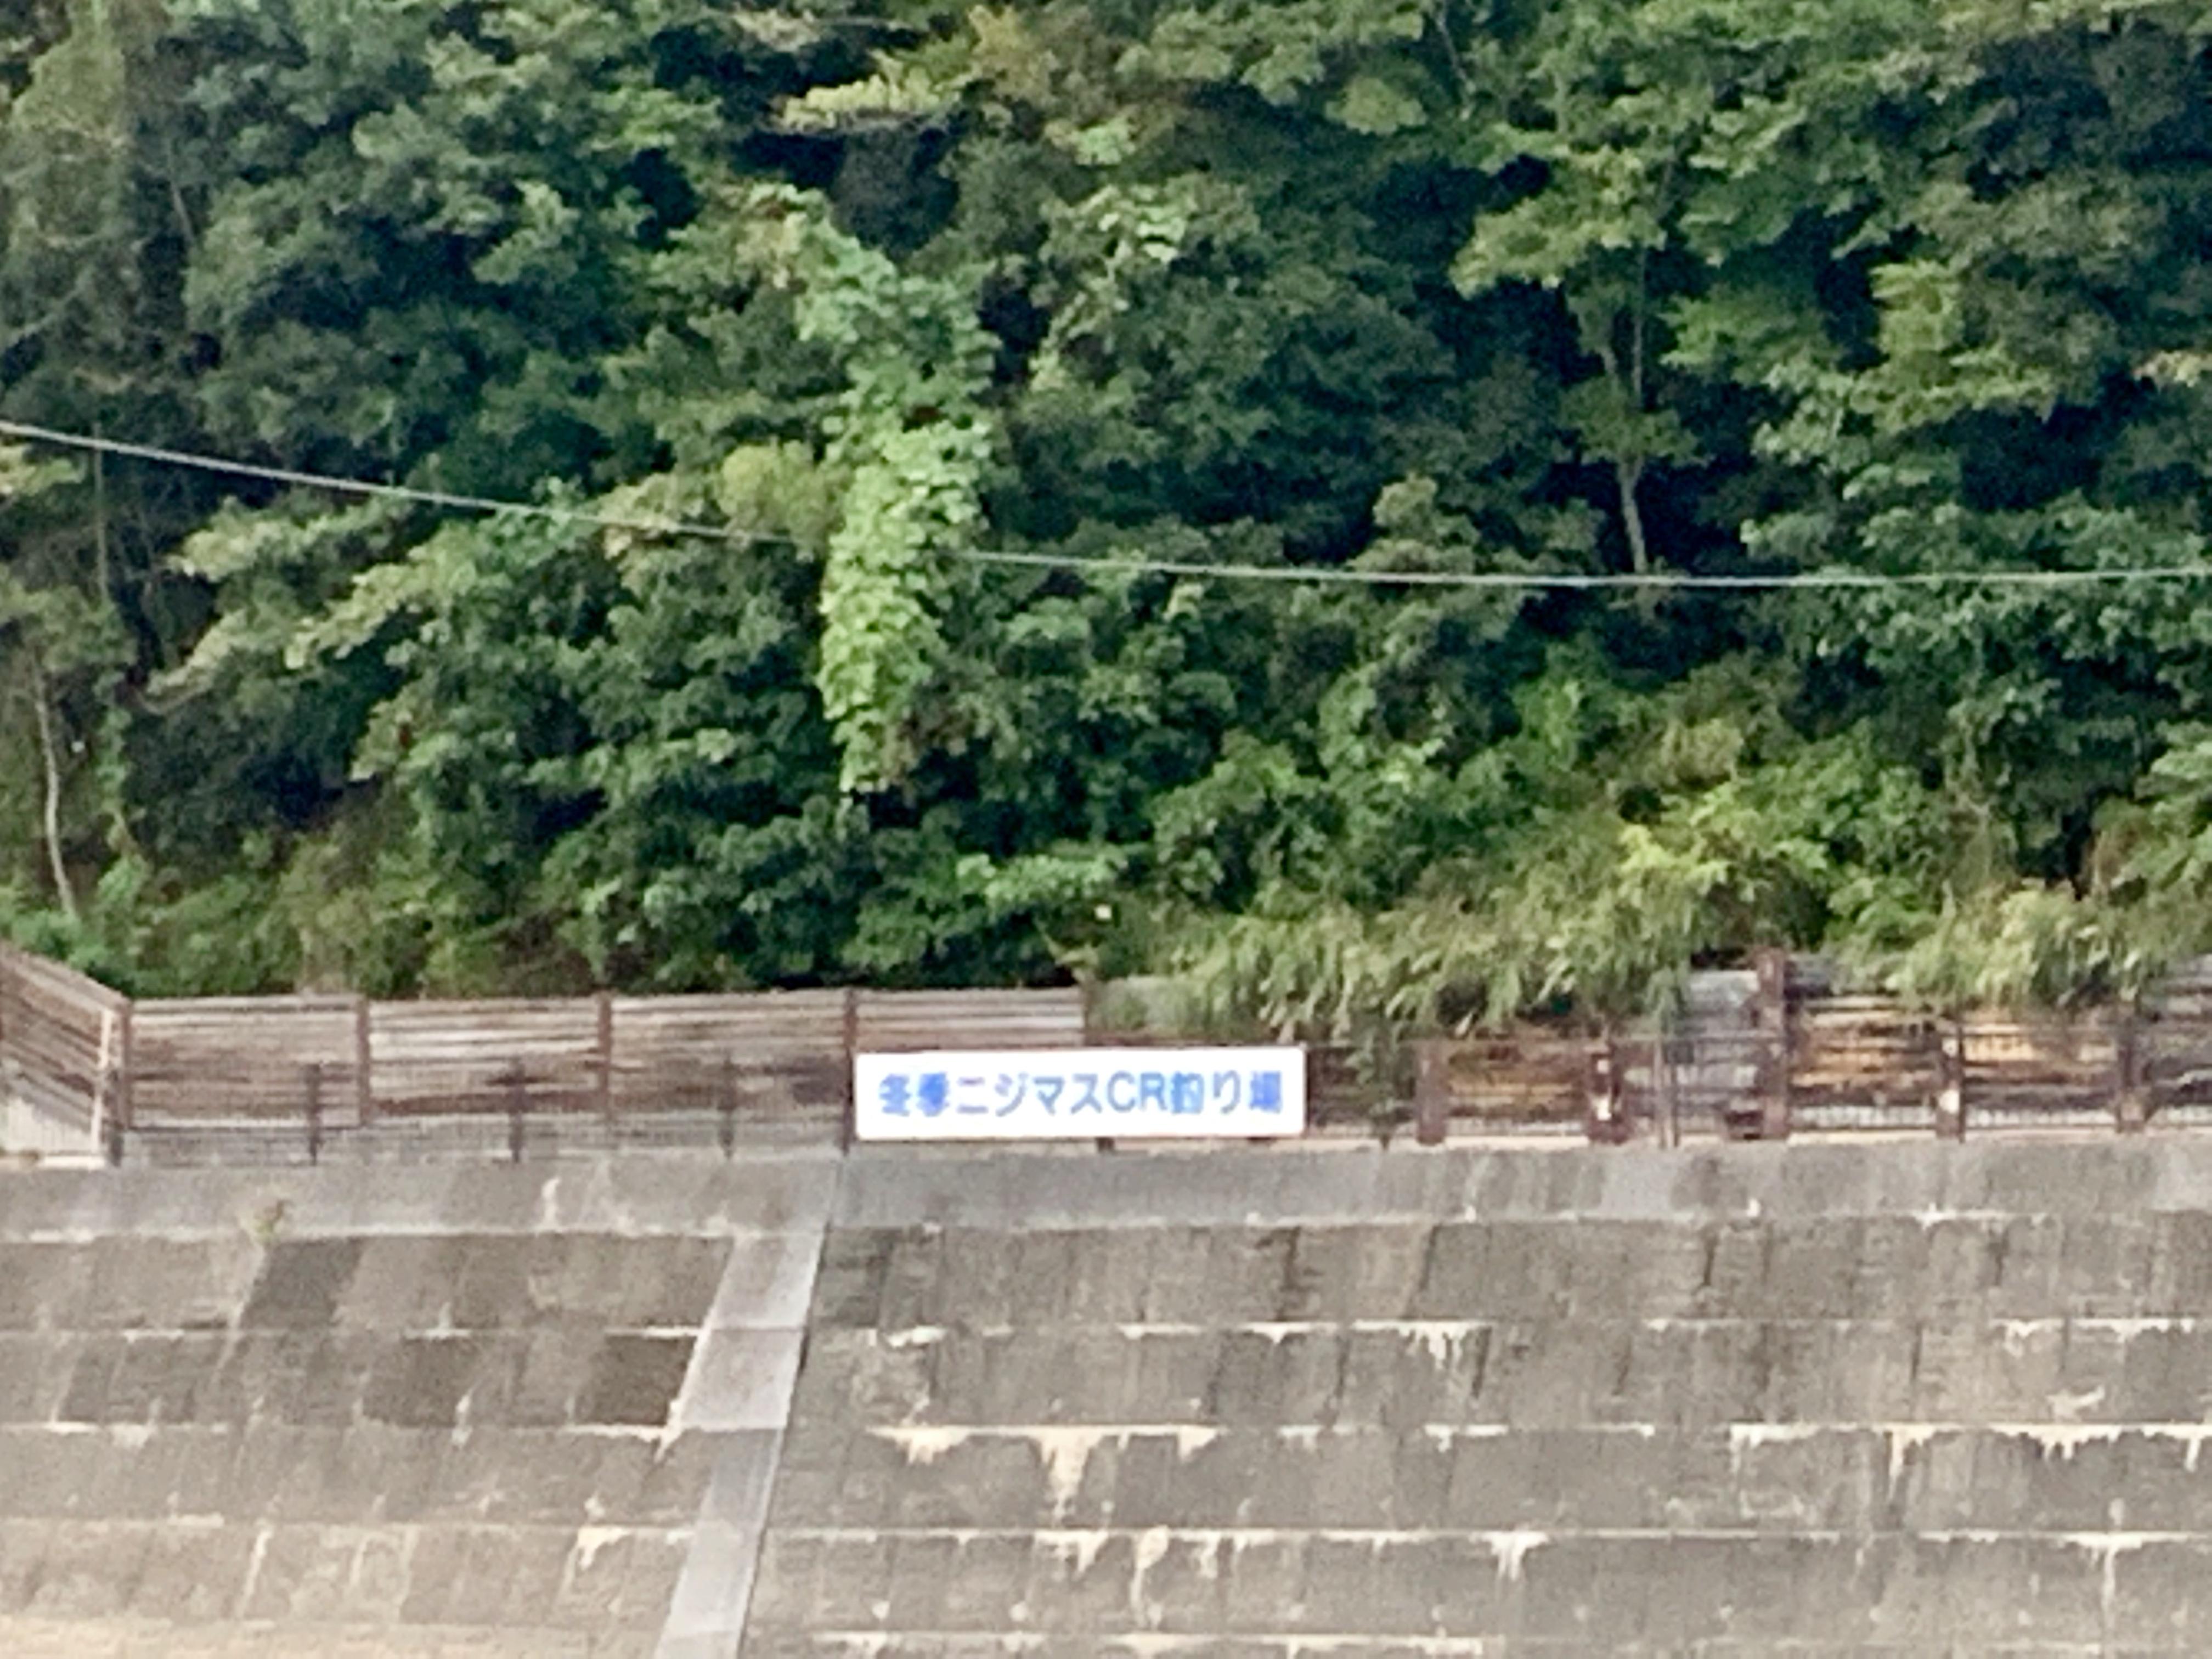 荒川本流ニジマスC&R